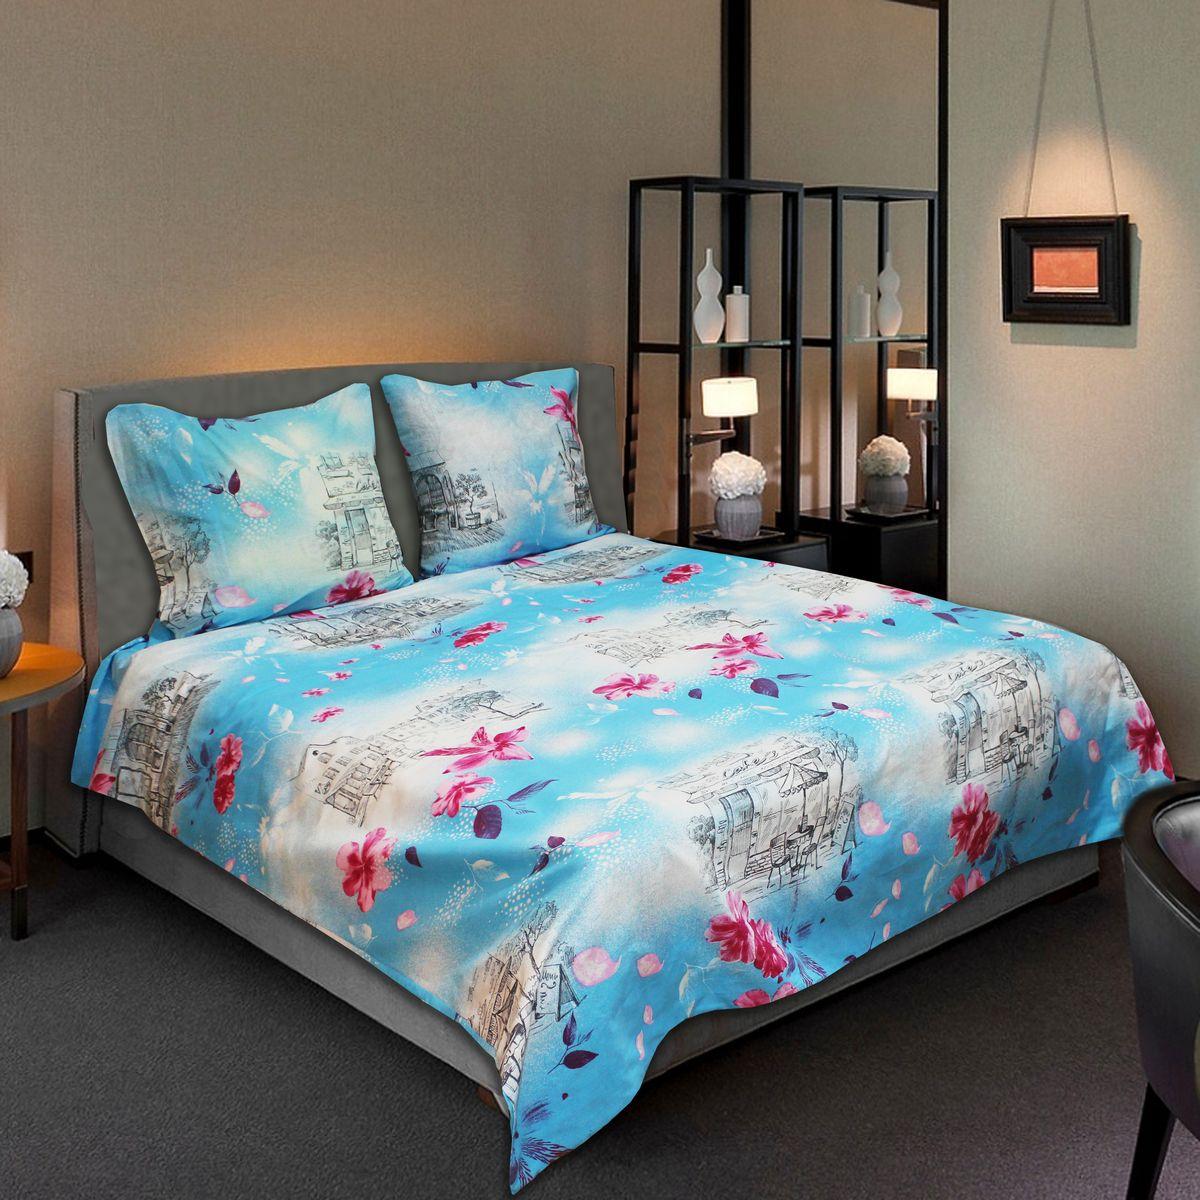 Комплект белья Amore Mio Light, 2-спальный, наволочки 70х7077713Комплект постельного белья Amore Mio является экологически безопасным для всей семьи, так как выполнен из бязи (100% хлопок). Комплект состоит из пододеяльника, простыни и двух наволочек. Постельное белье оформлено оригинальным рисунком и имеет изысканный внешний вид.Легкая, плотная, мягкая ткань отлично стирается, гладится, быстро сохнет. Рекомендации по уходу: Химчистка и отбеливание запрещены.Рекомендуется стирка в прохладной воде при температуре не выше 30°С.